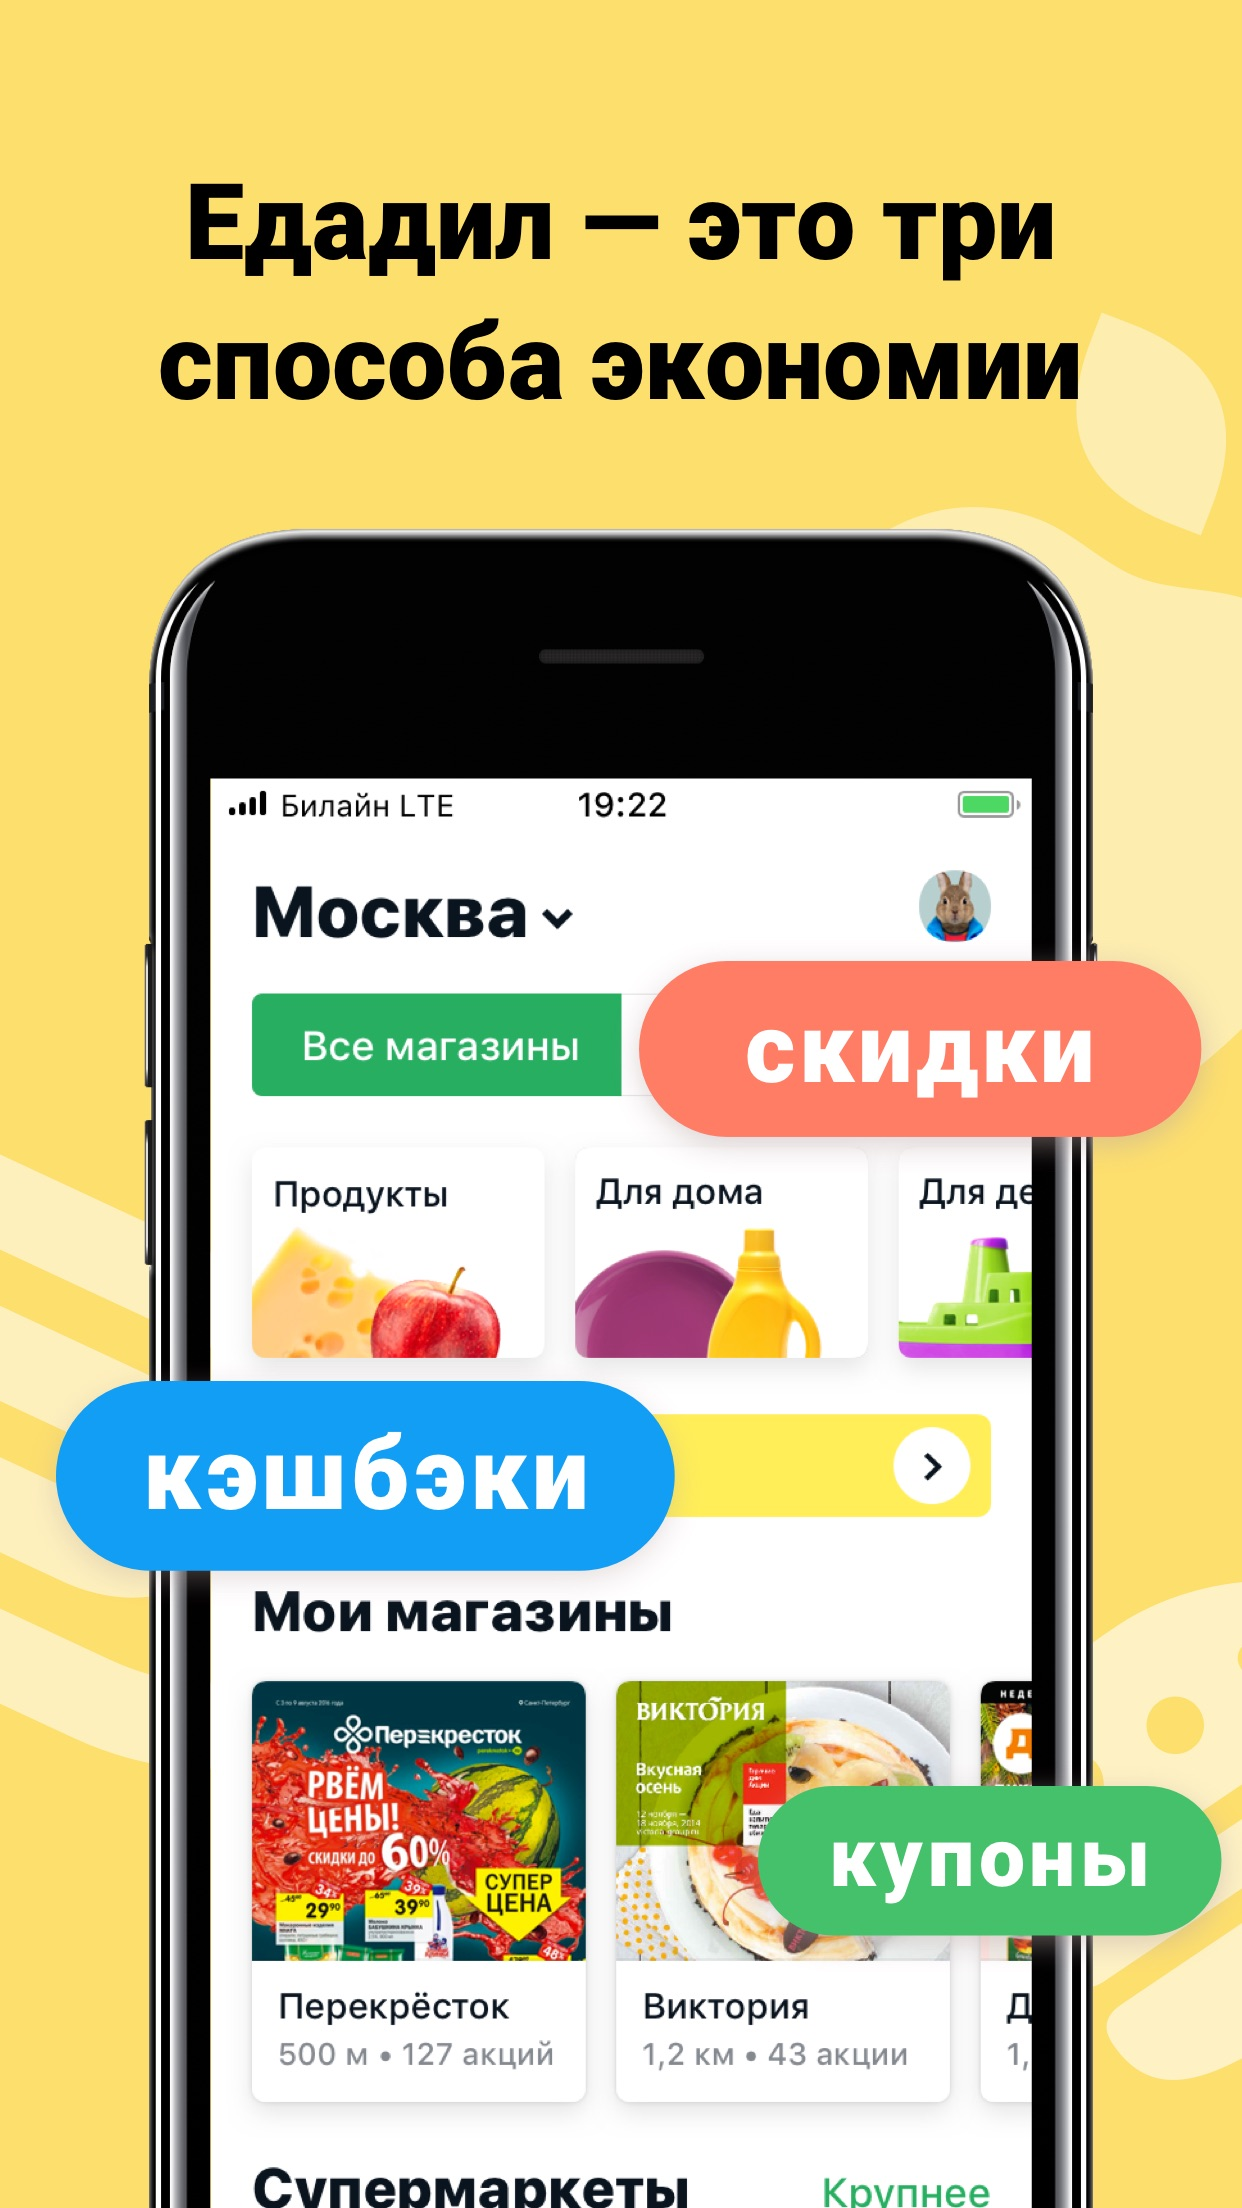 Едадил — скидки в магазинах Screenshot